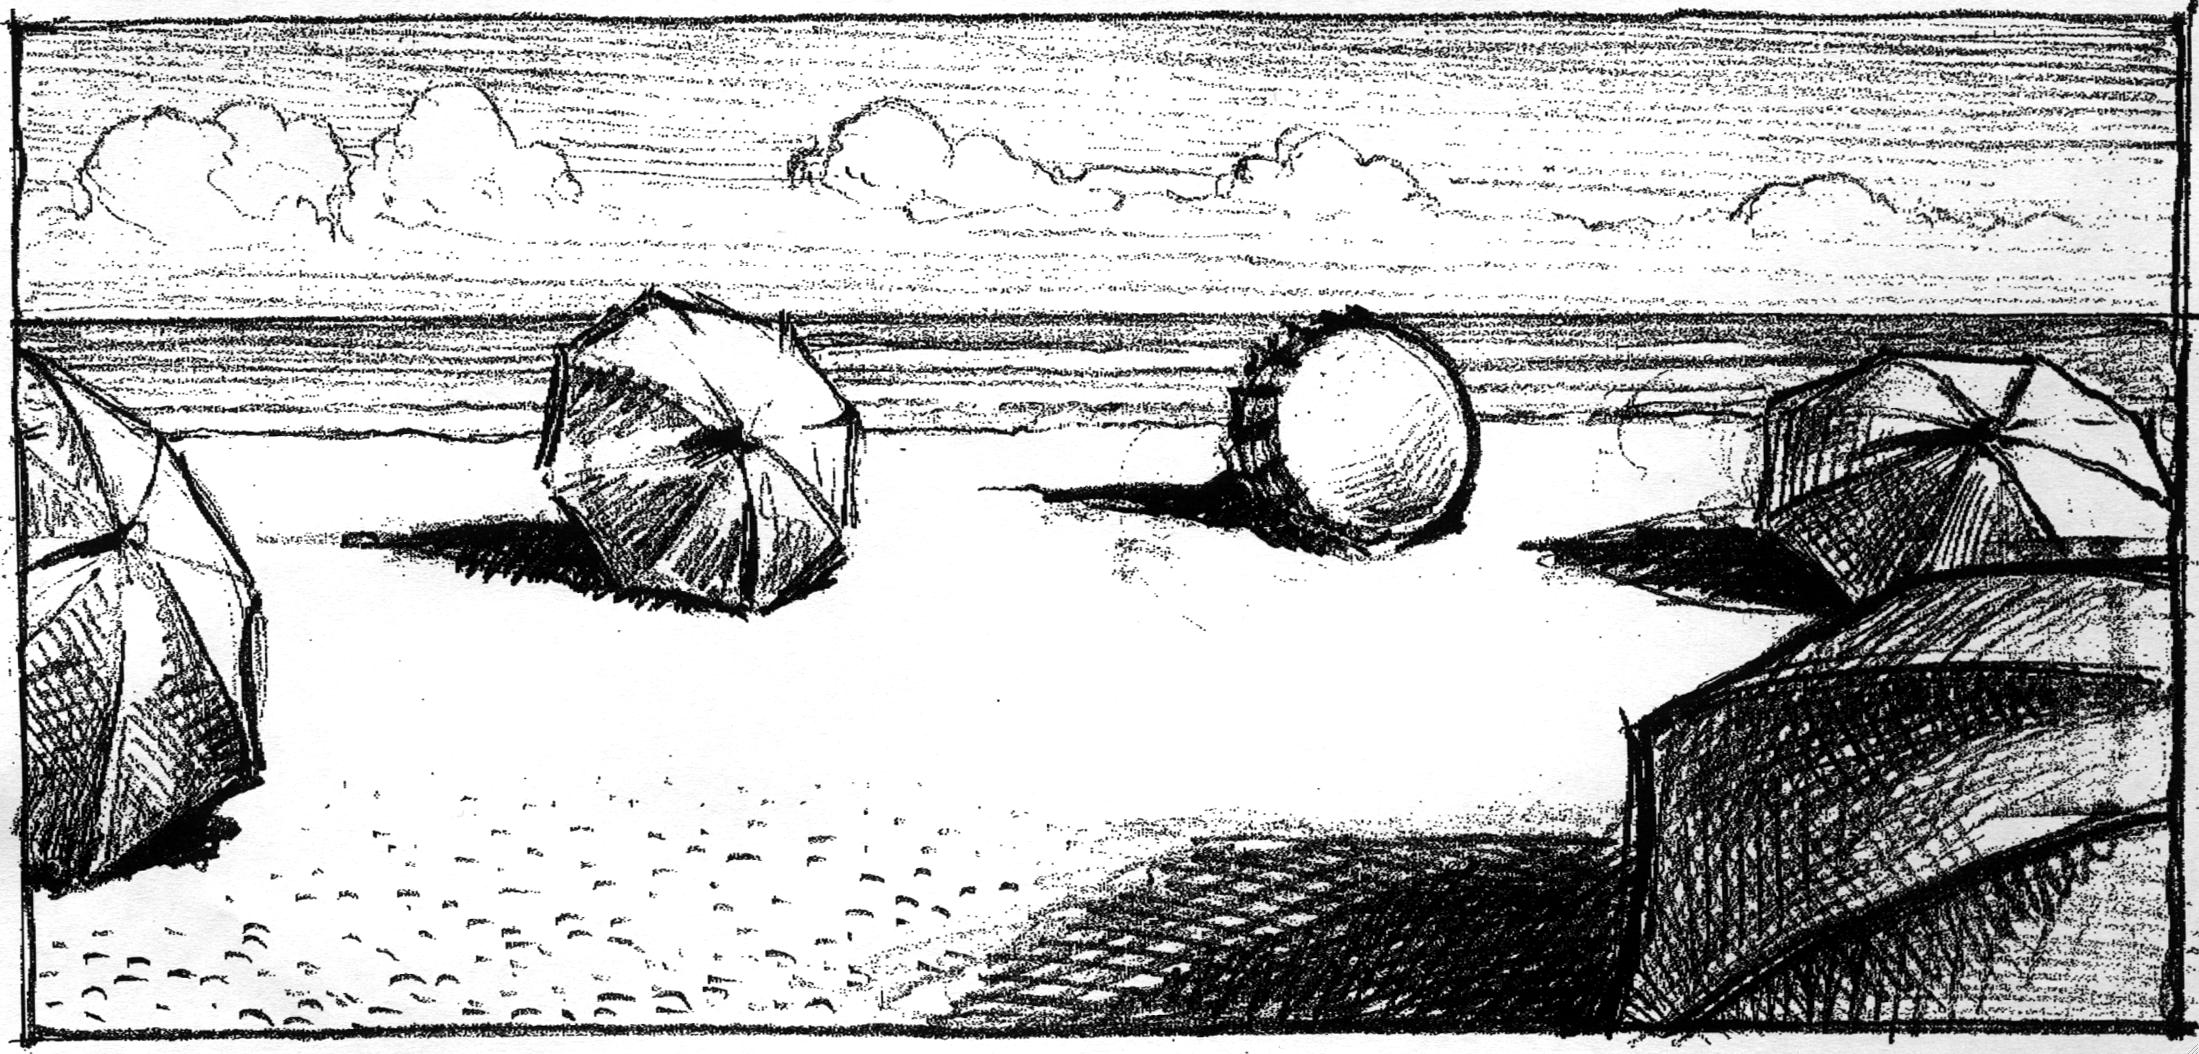 Adnams 'Umbrellas' Chris Wormell Rough